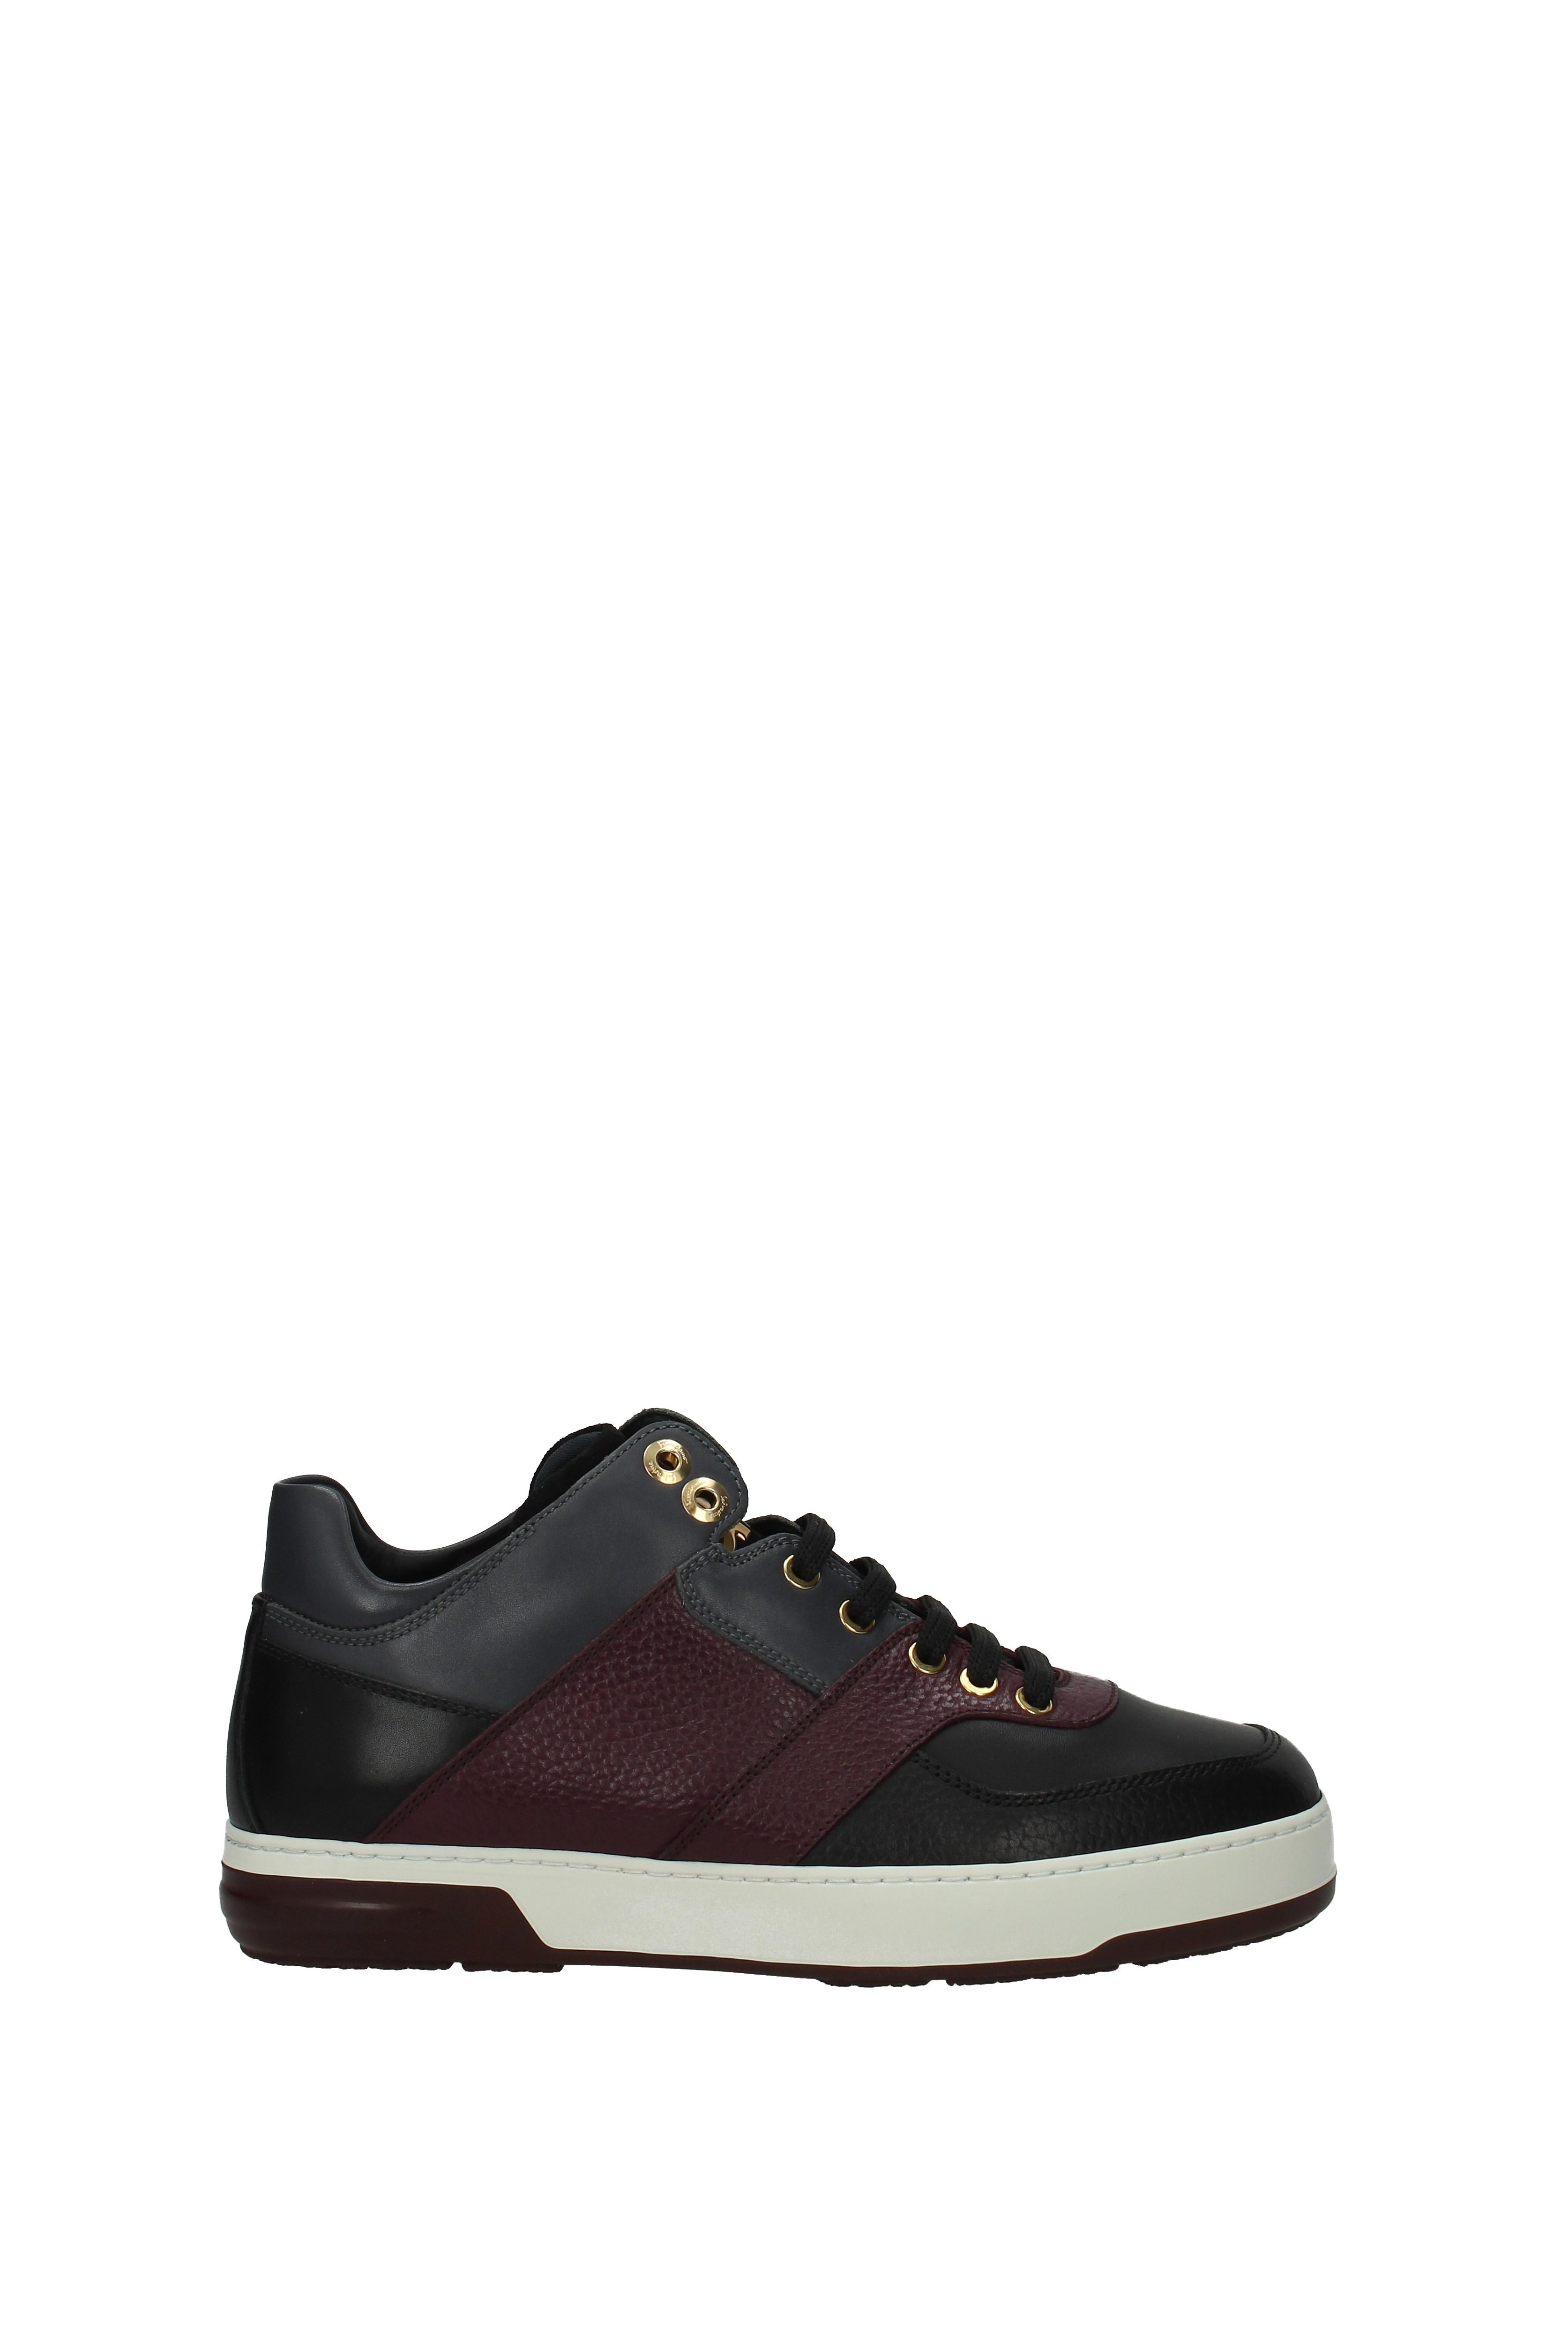 New List Mens Salvatore Ferragamo monroe Sneakers Online